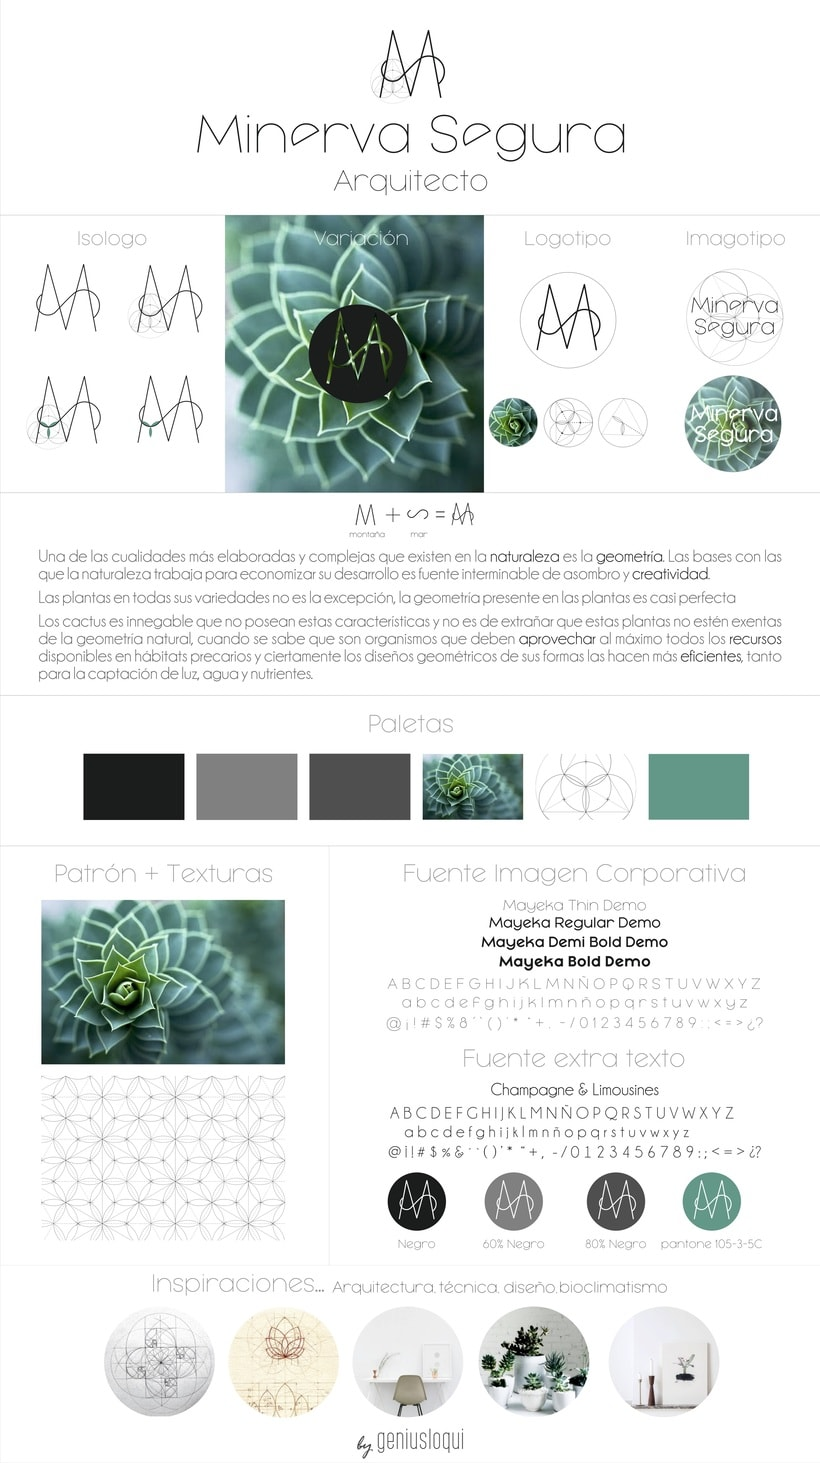 Mi Proyecto del curso: Diseño de packaging: experiencia unboxing de productos enviados por correo 6